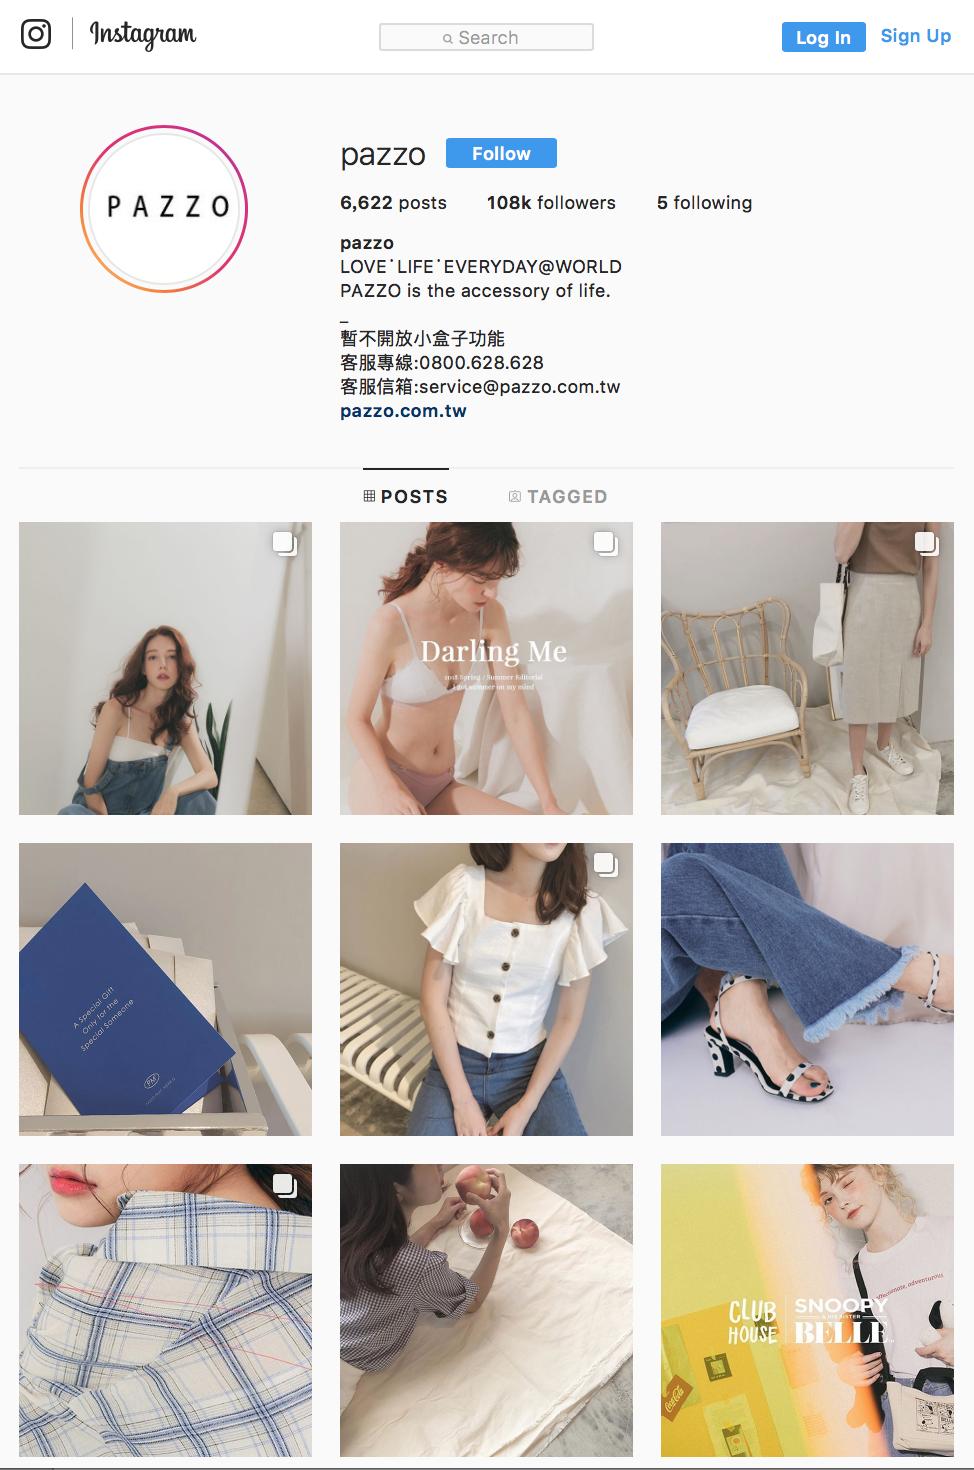 Pazzo instagram 行銷案例